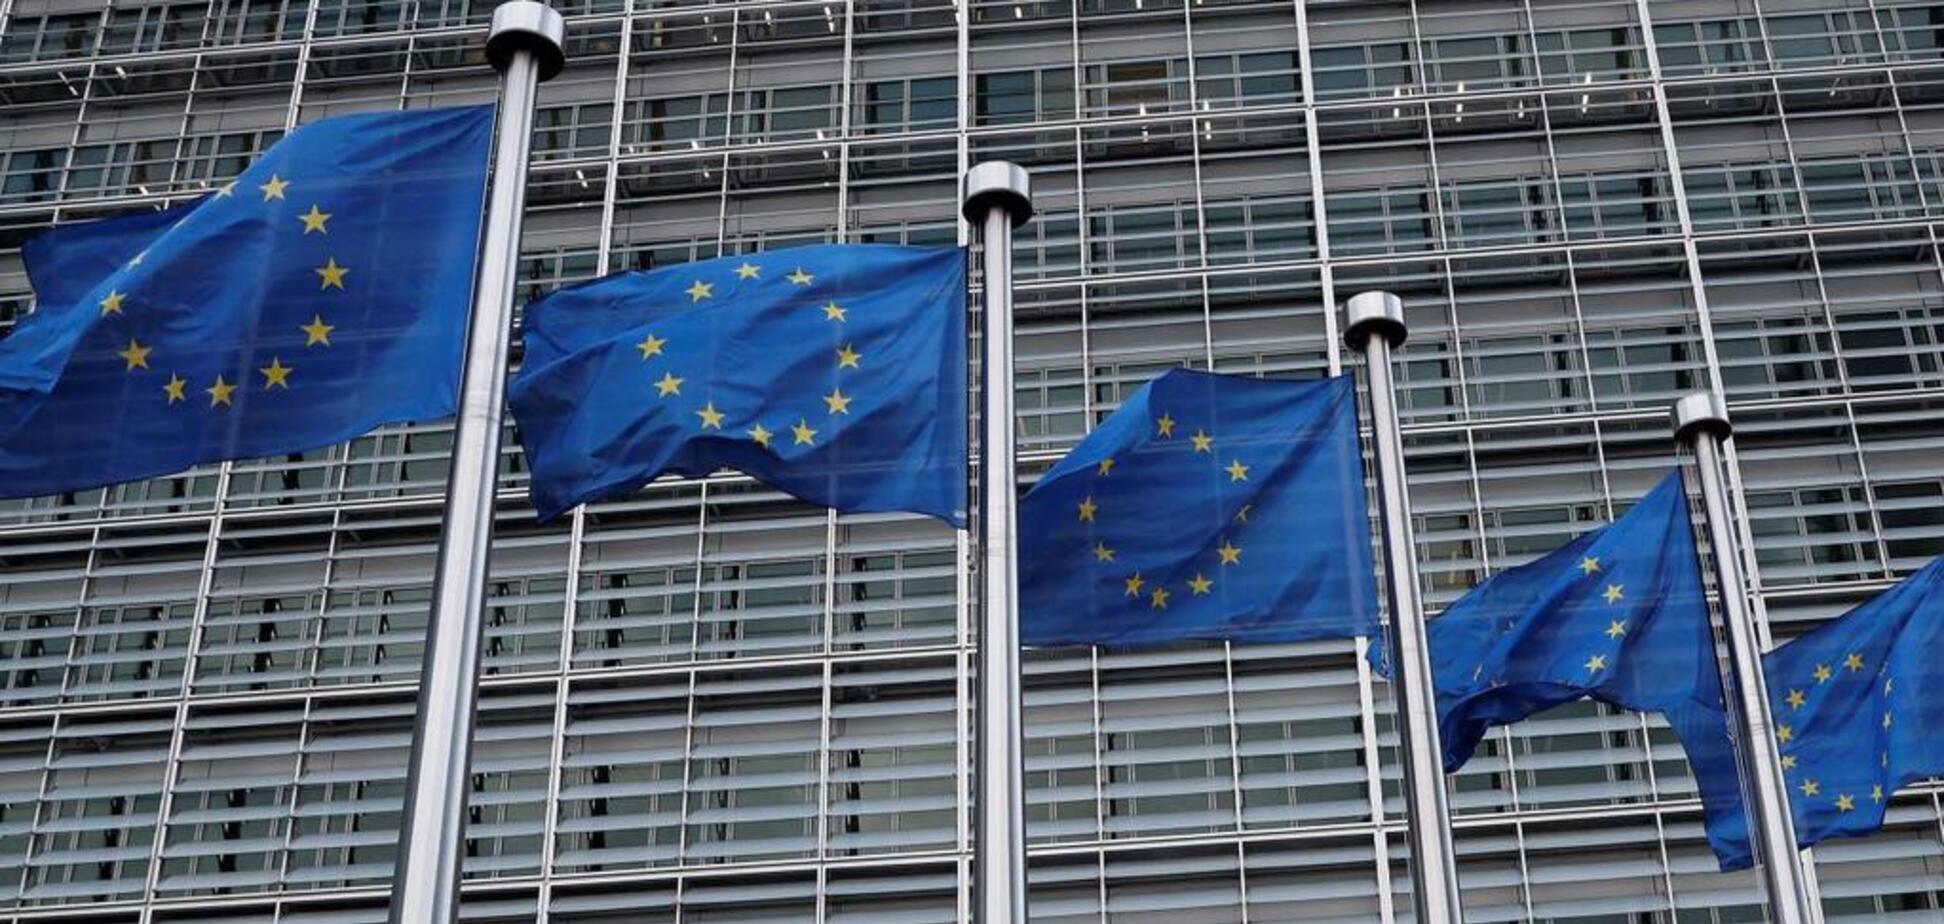 Жесткие нормы экологии и перестройка экономики: Европа огласила план развития